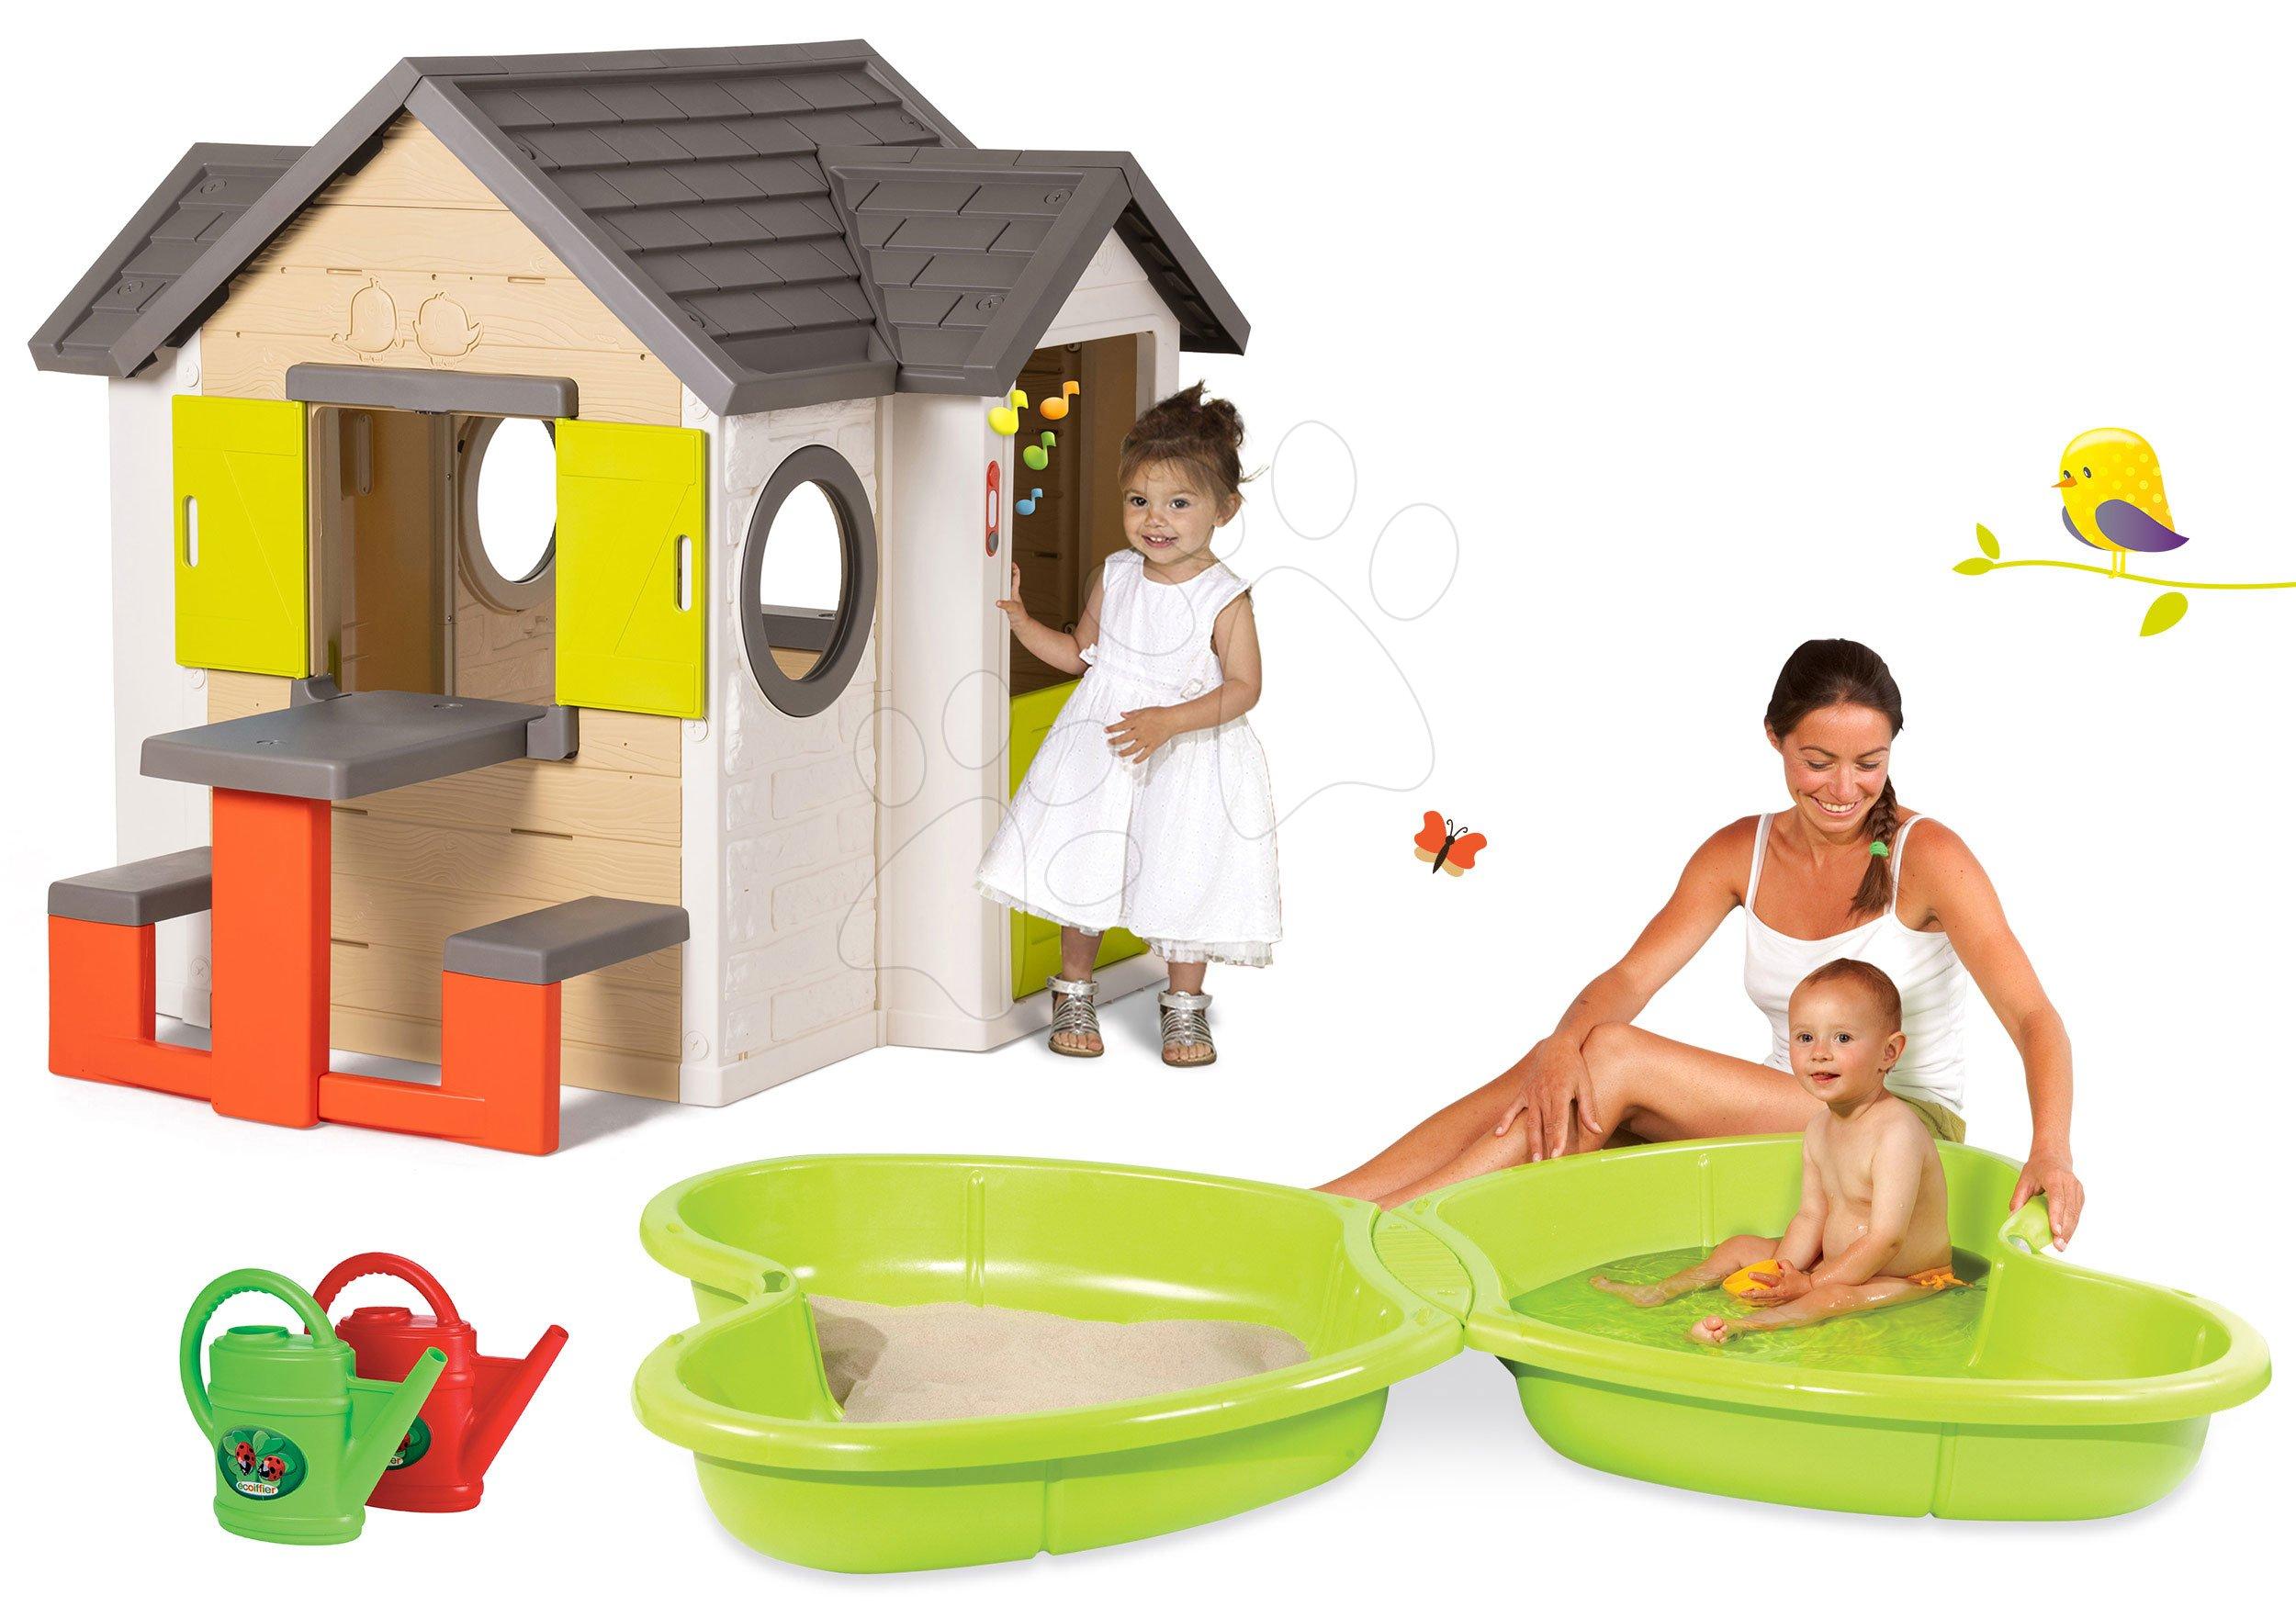 Smoby set dětský domeček My House Smoby se zvonkem a pískoviště Motýl s vodotryskem a konvičkou 810401-20